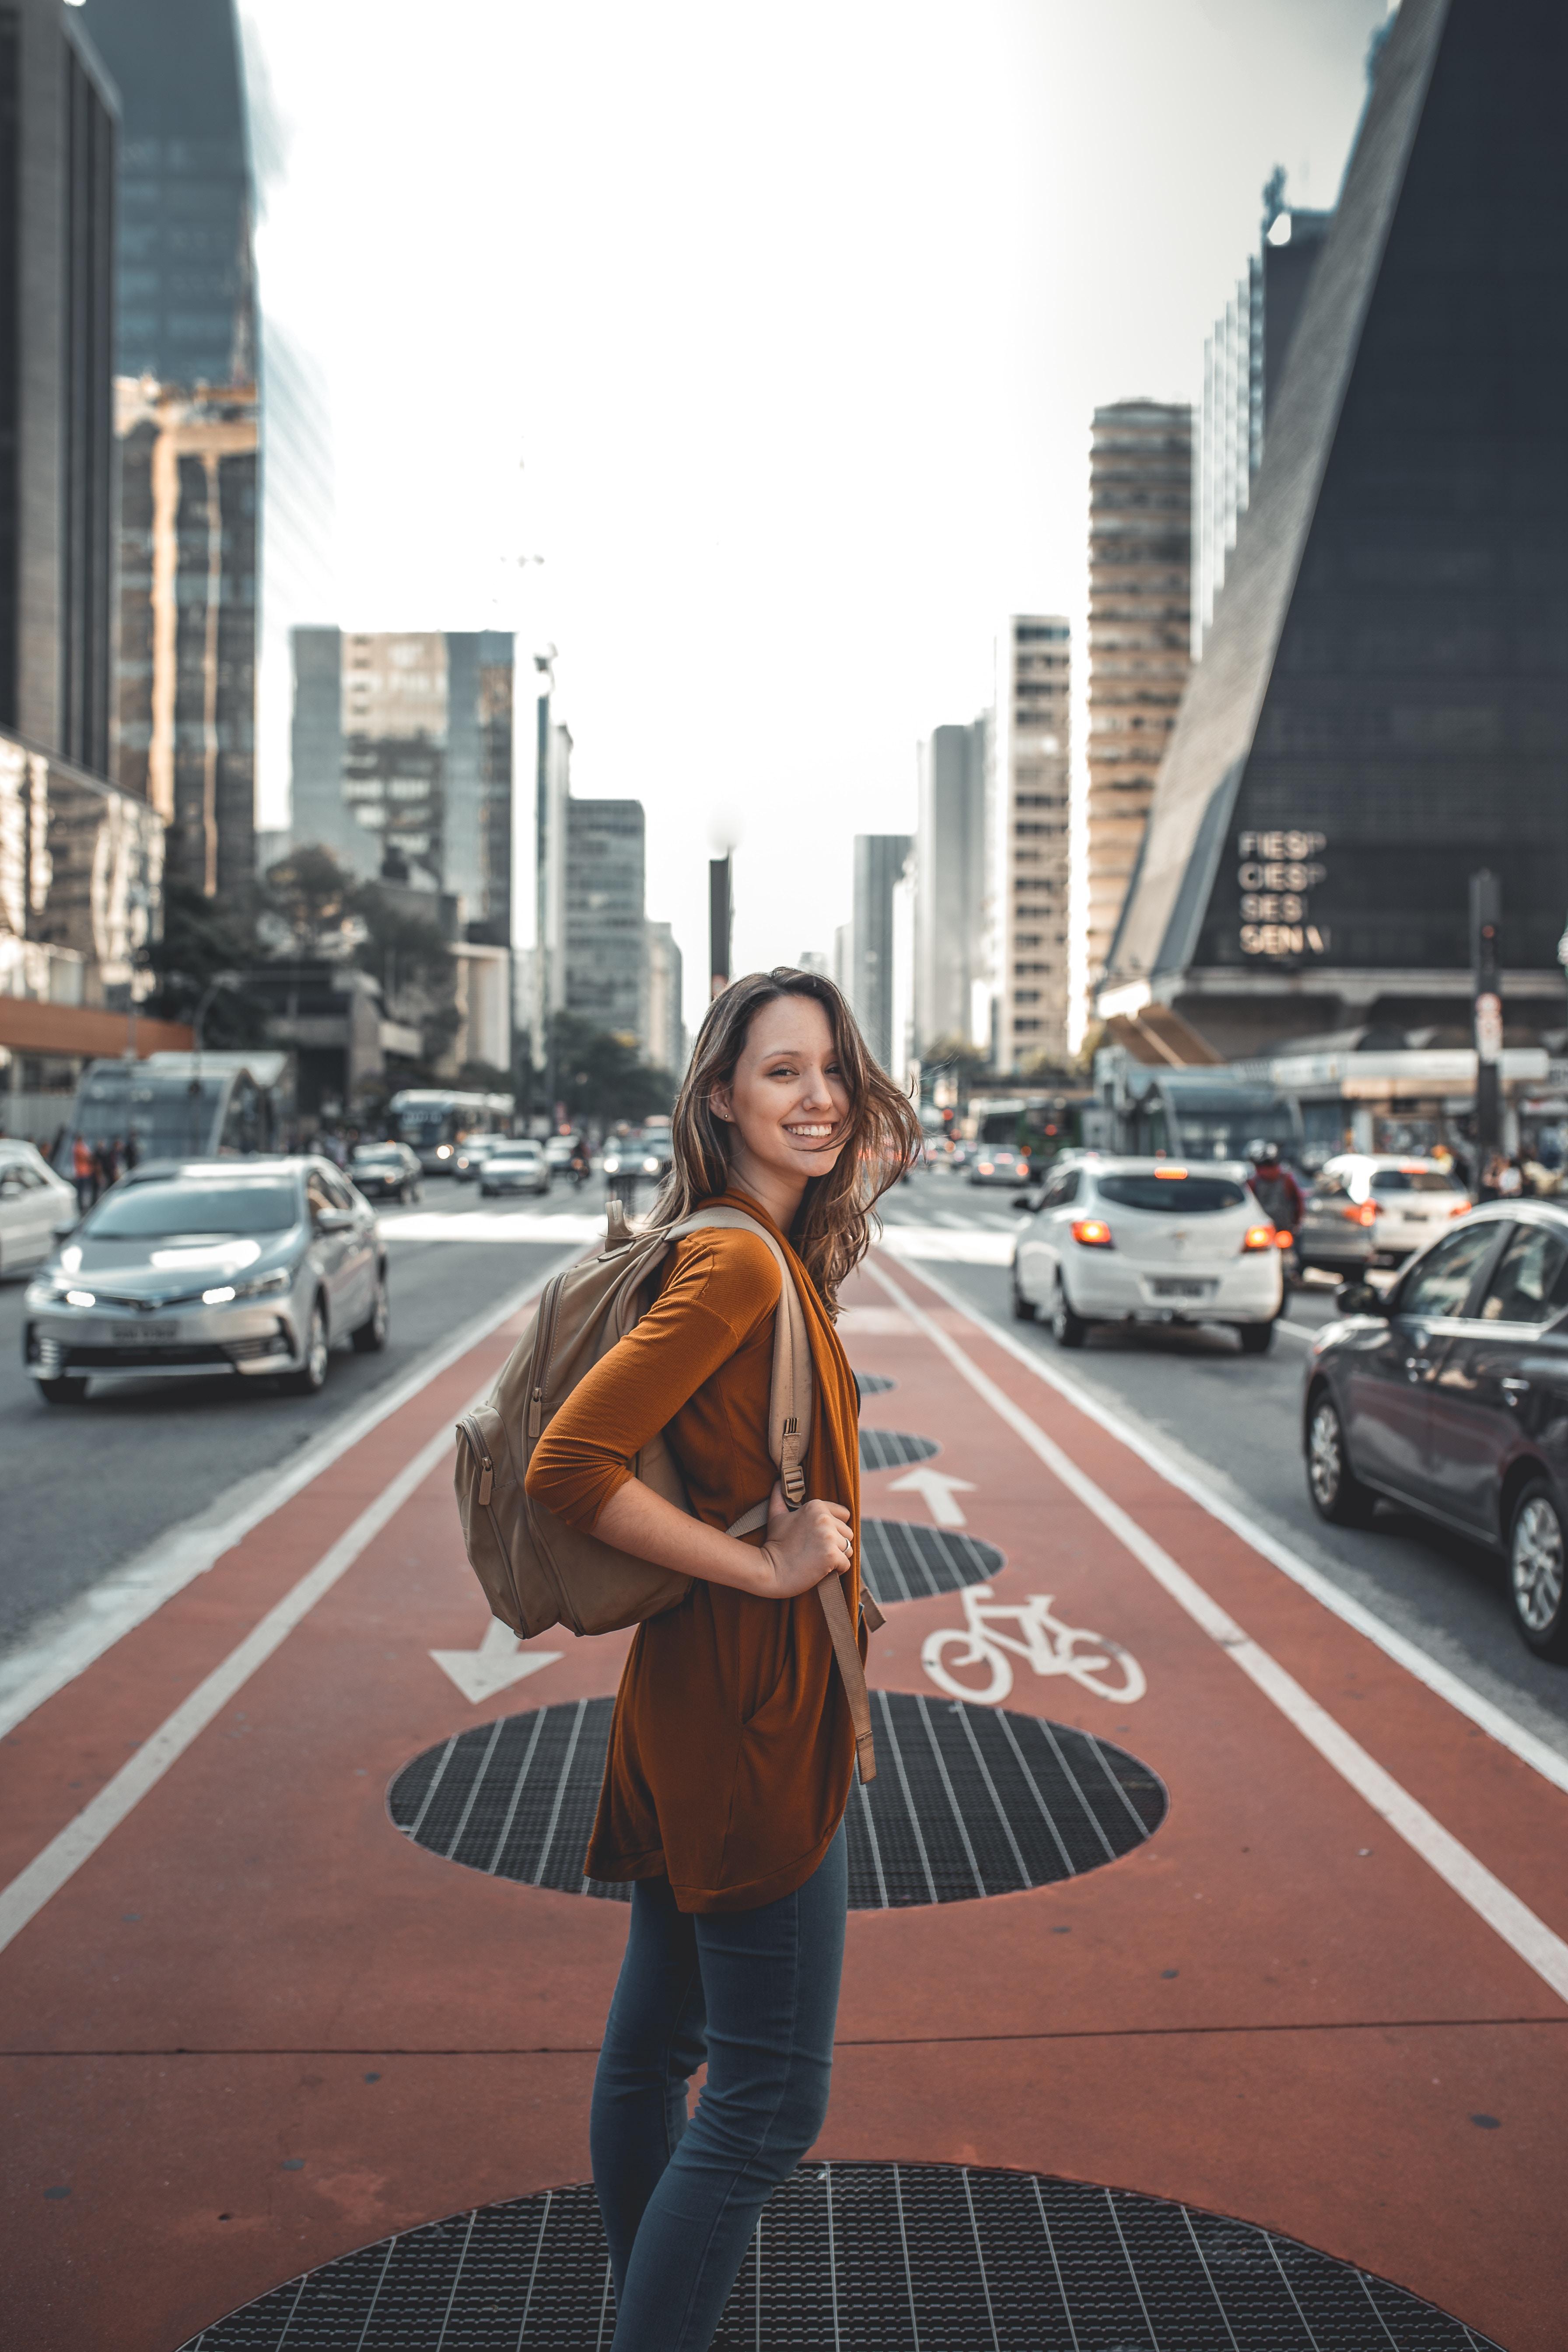 Drie best practices voor effectievere e-mailmarketingcampagnes in de reisbranche